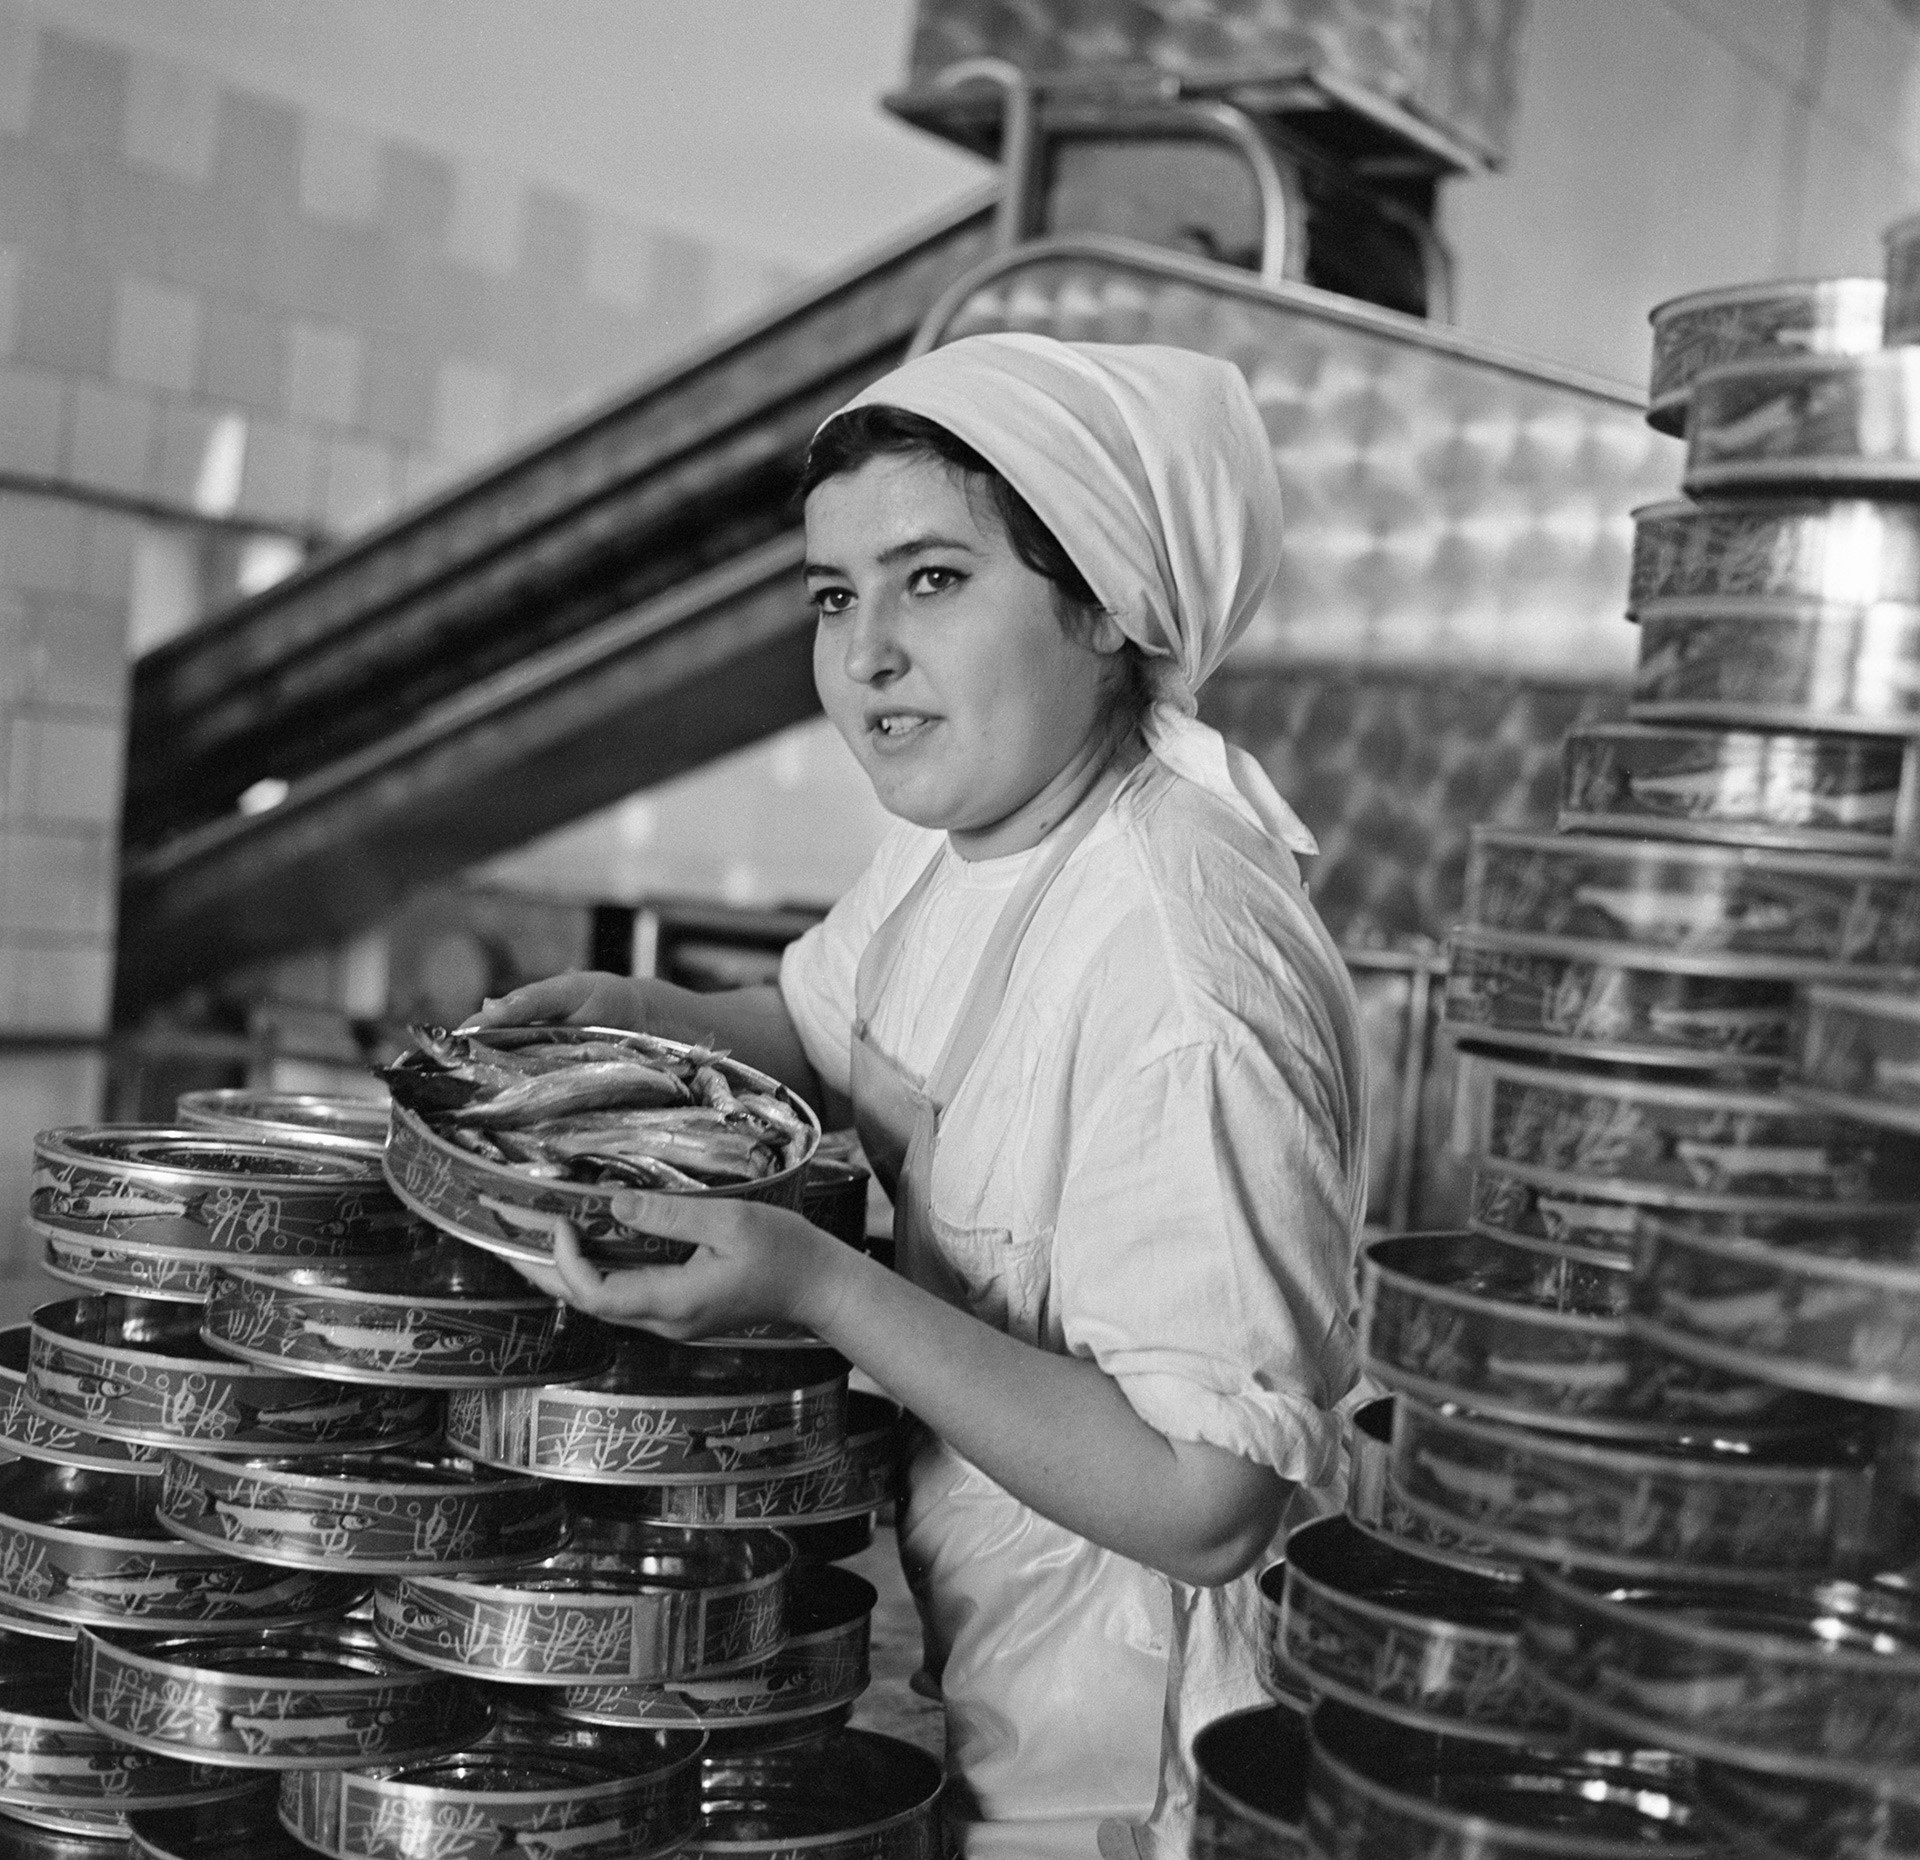 ムルマンスク市の魚加工工場、1971年